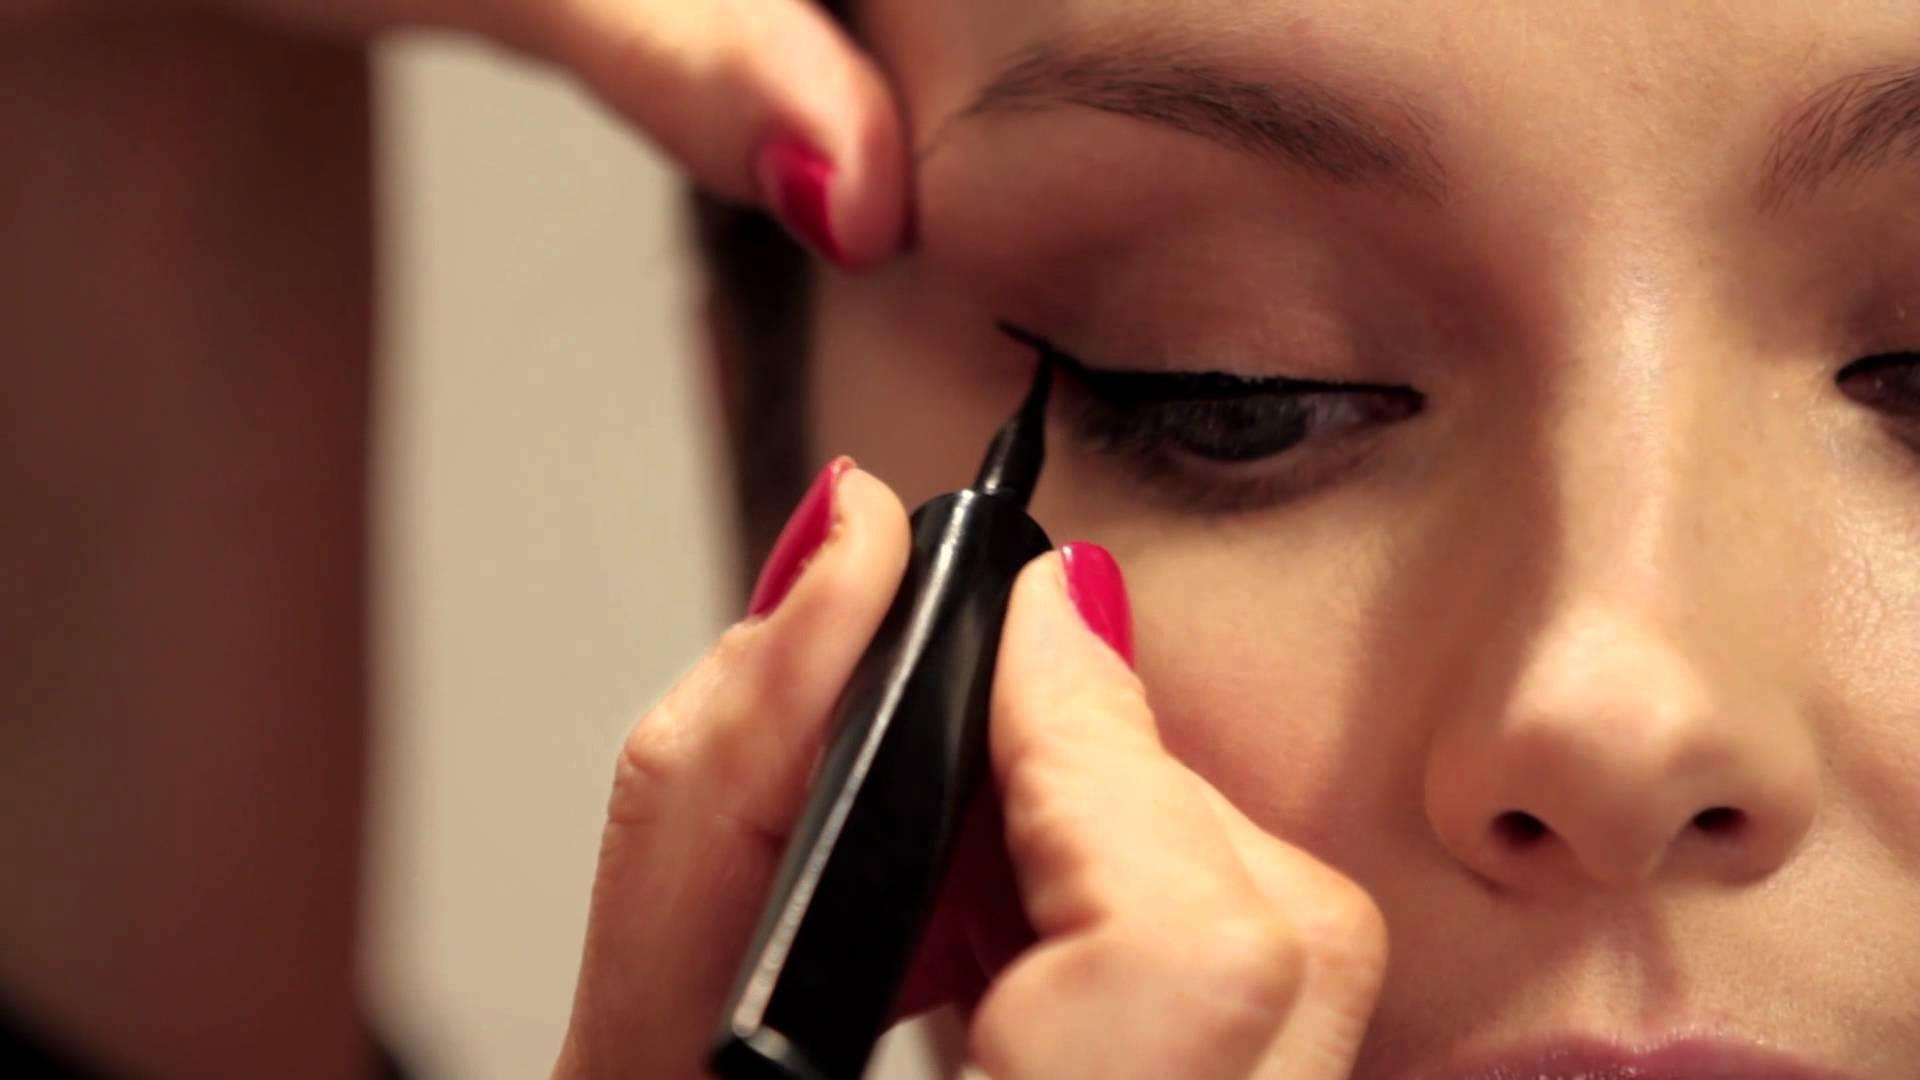 فيديو تعليمي: مكياج العيون الجرافيكي